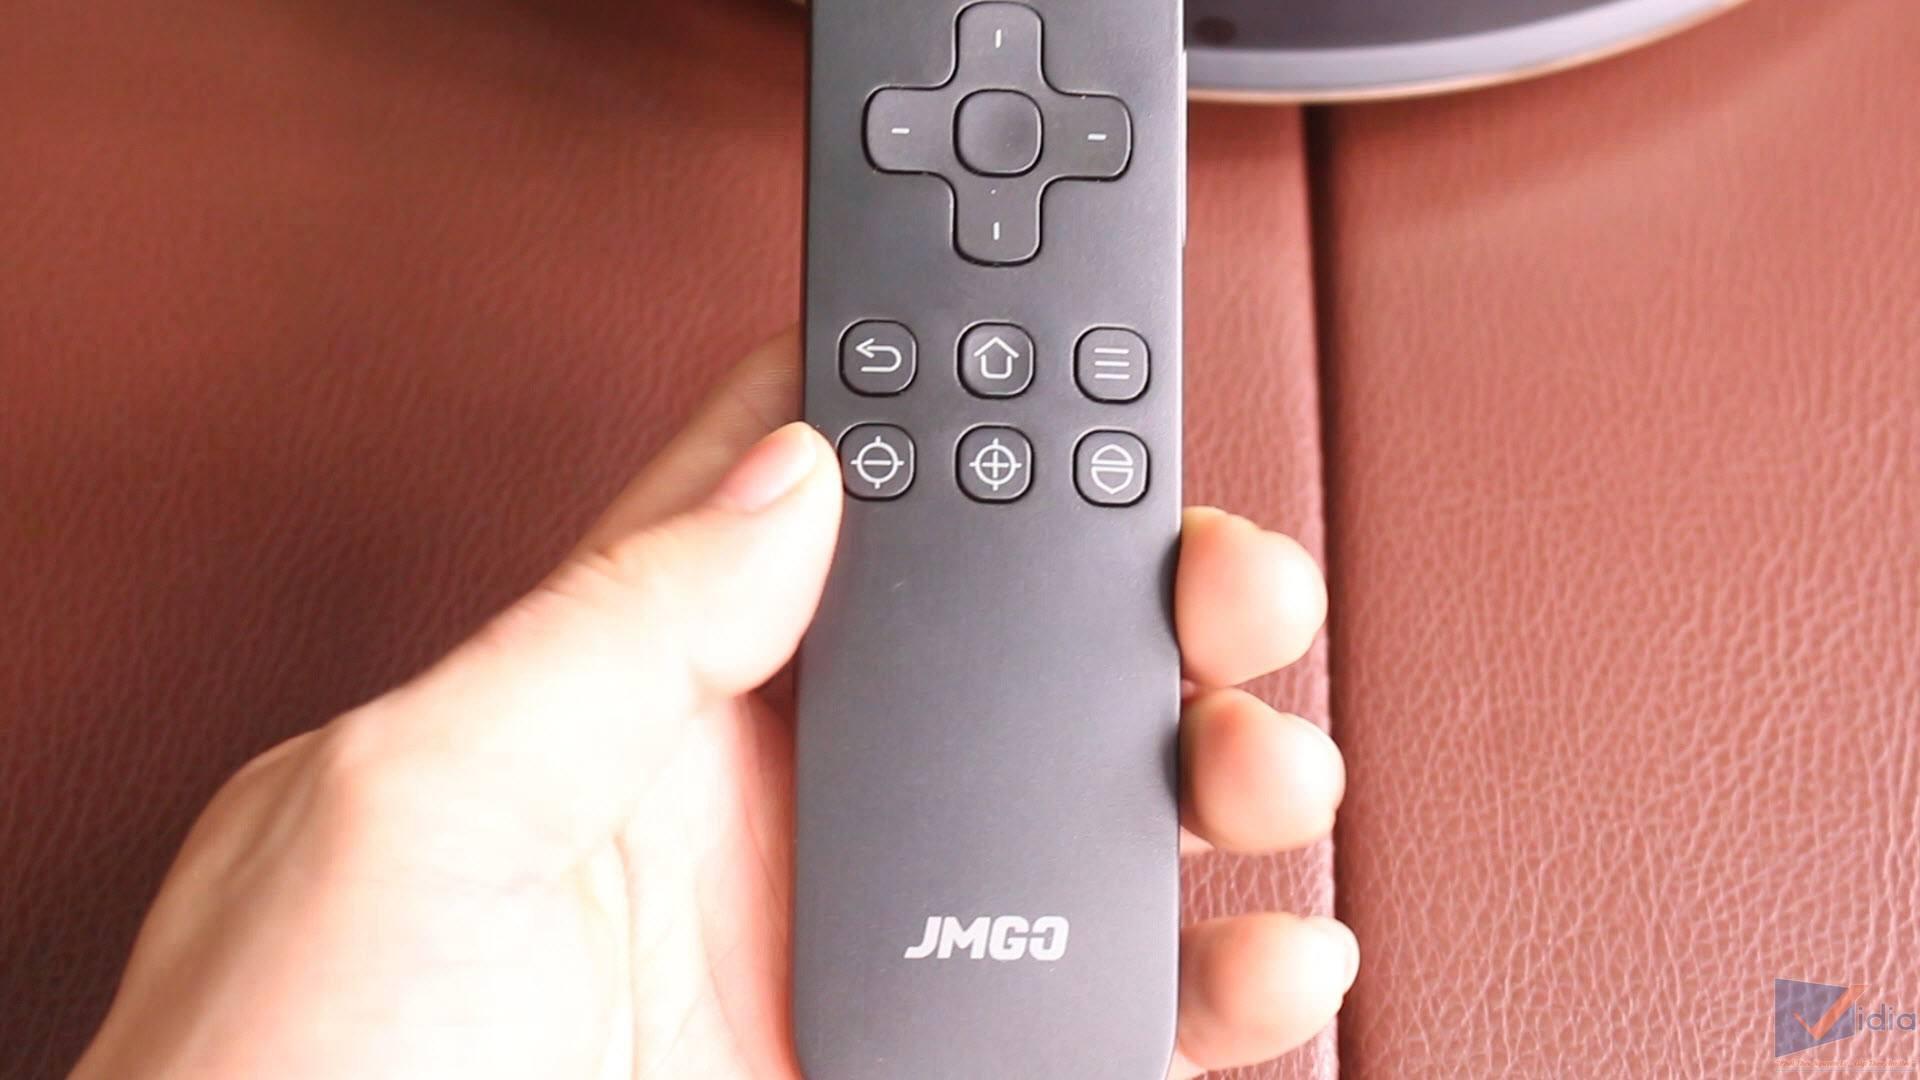 Remote điều khiển thông minh của JmGO G3 Pro